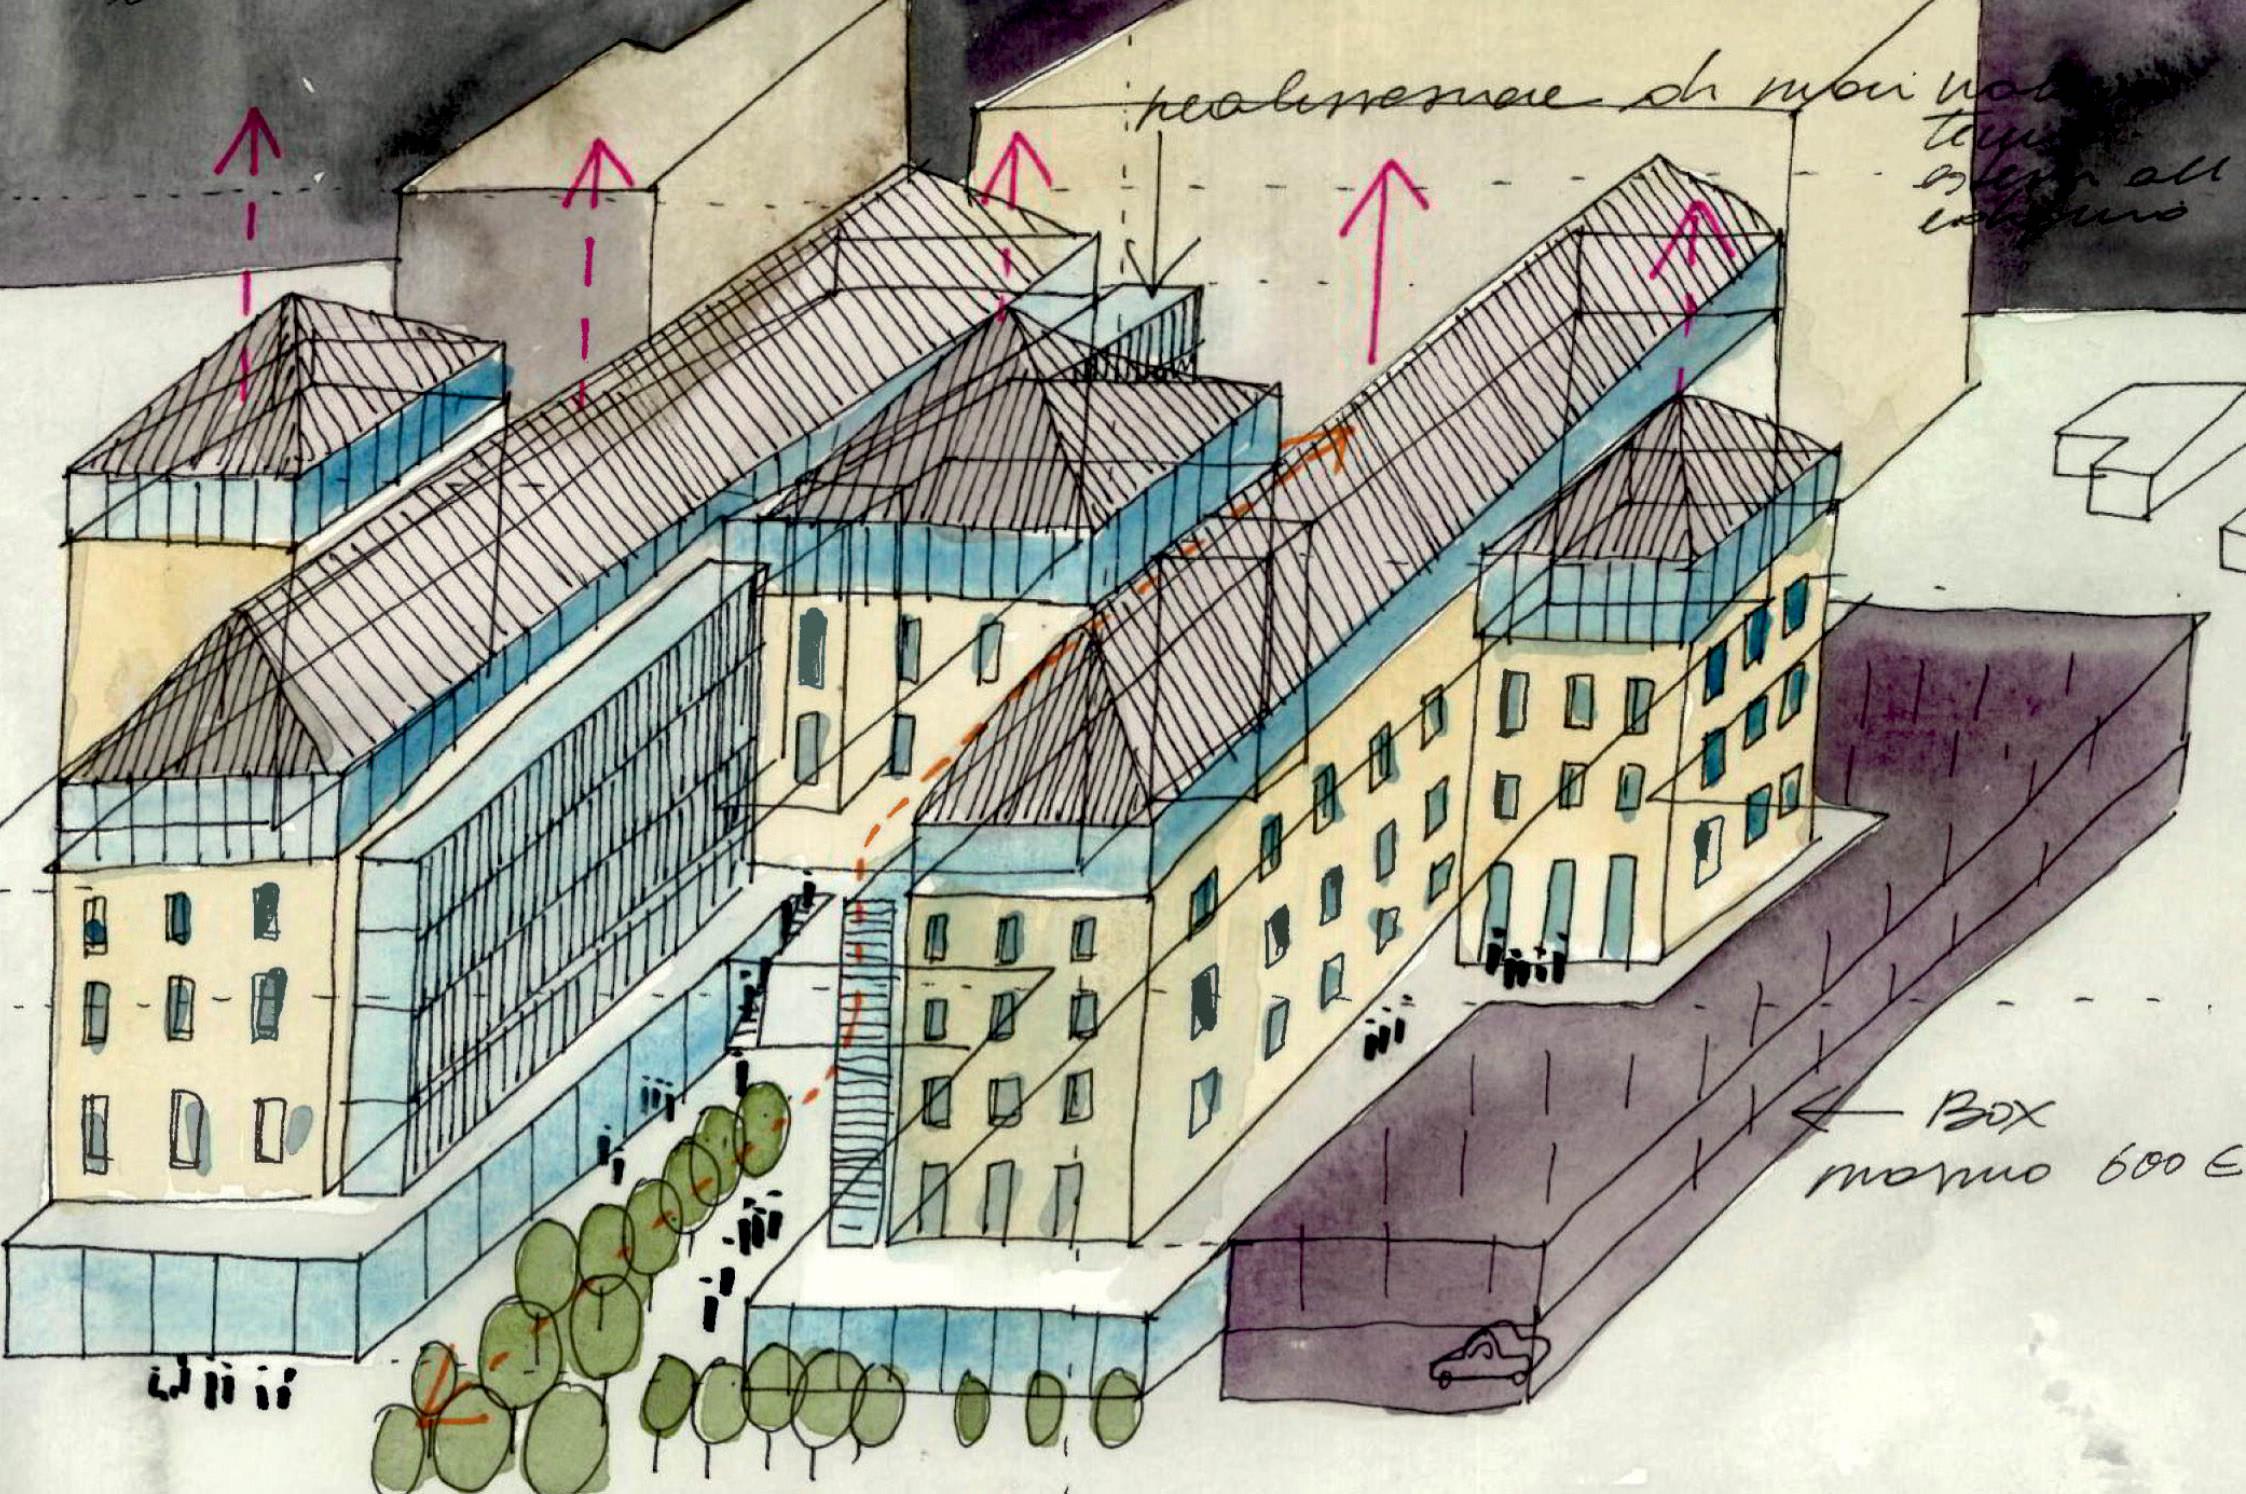 Valorizzazione complesso architettonico San Raffaele di Coronata: driver economici per social housing